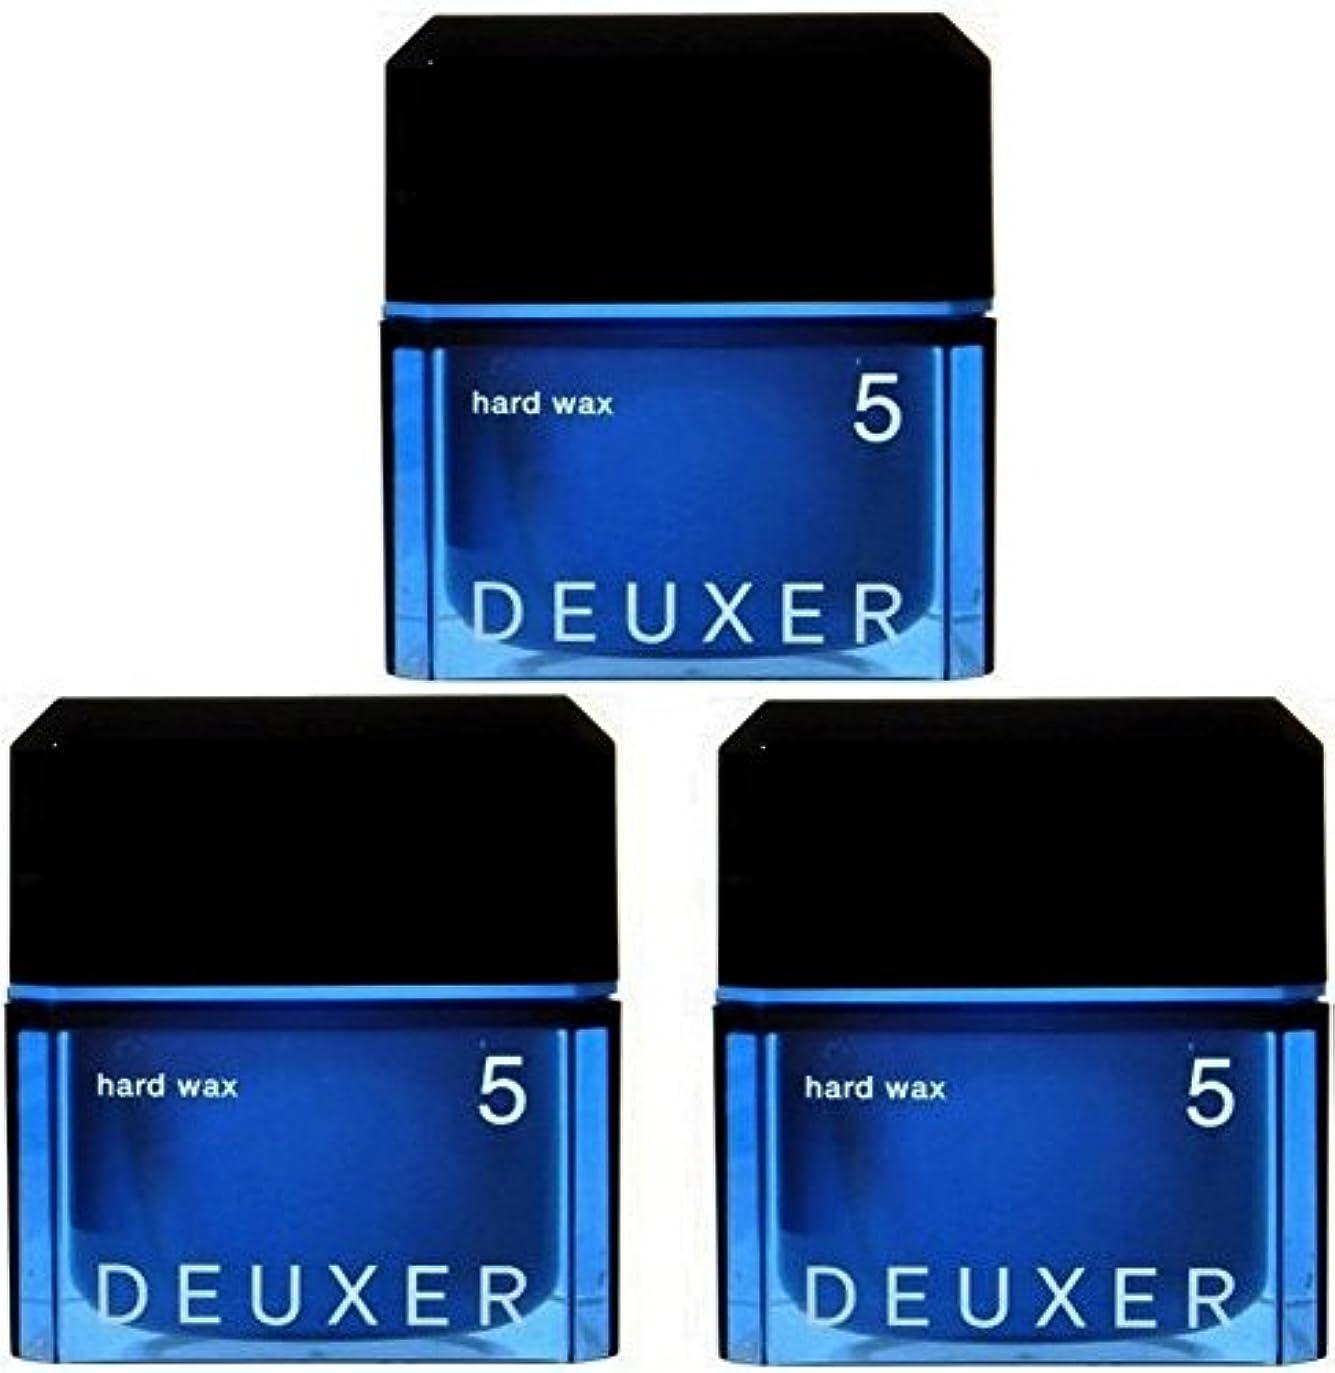 動作森水銀のナンバースリー デューサー ハードワックス 5 80g ×3個 ねじり束や根元の立ち上がりもキープ エッジを効かせたスタイルにも NUMBER THREE no3 deauxer